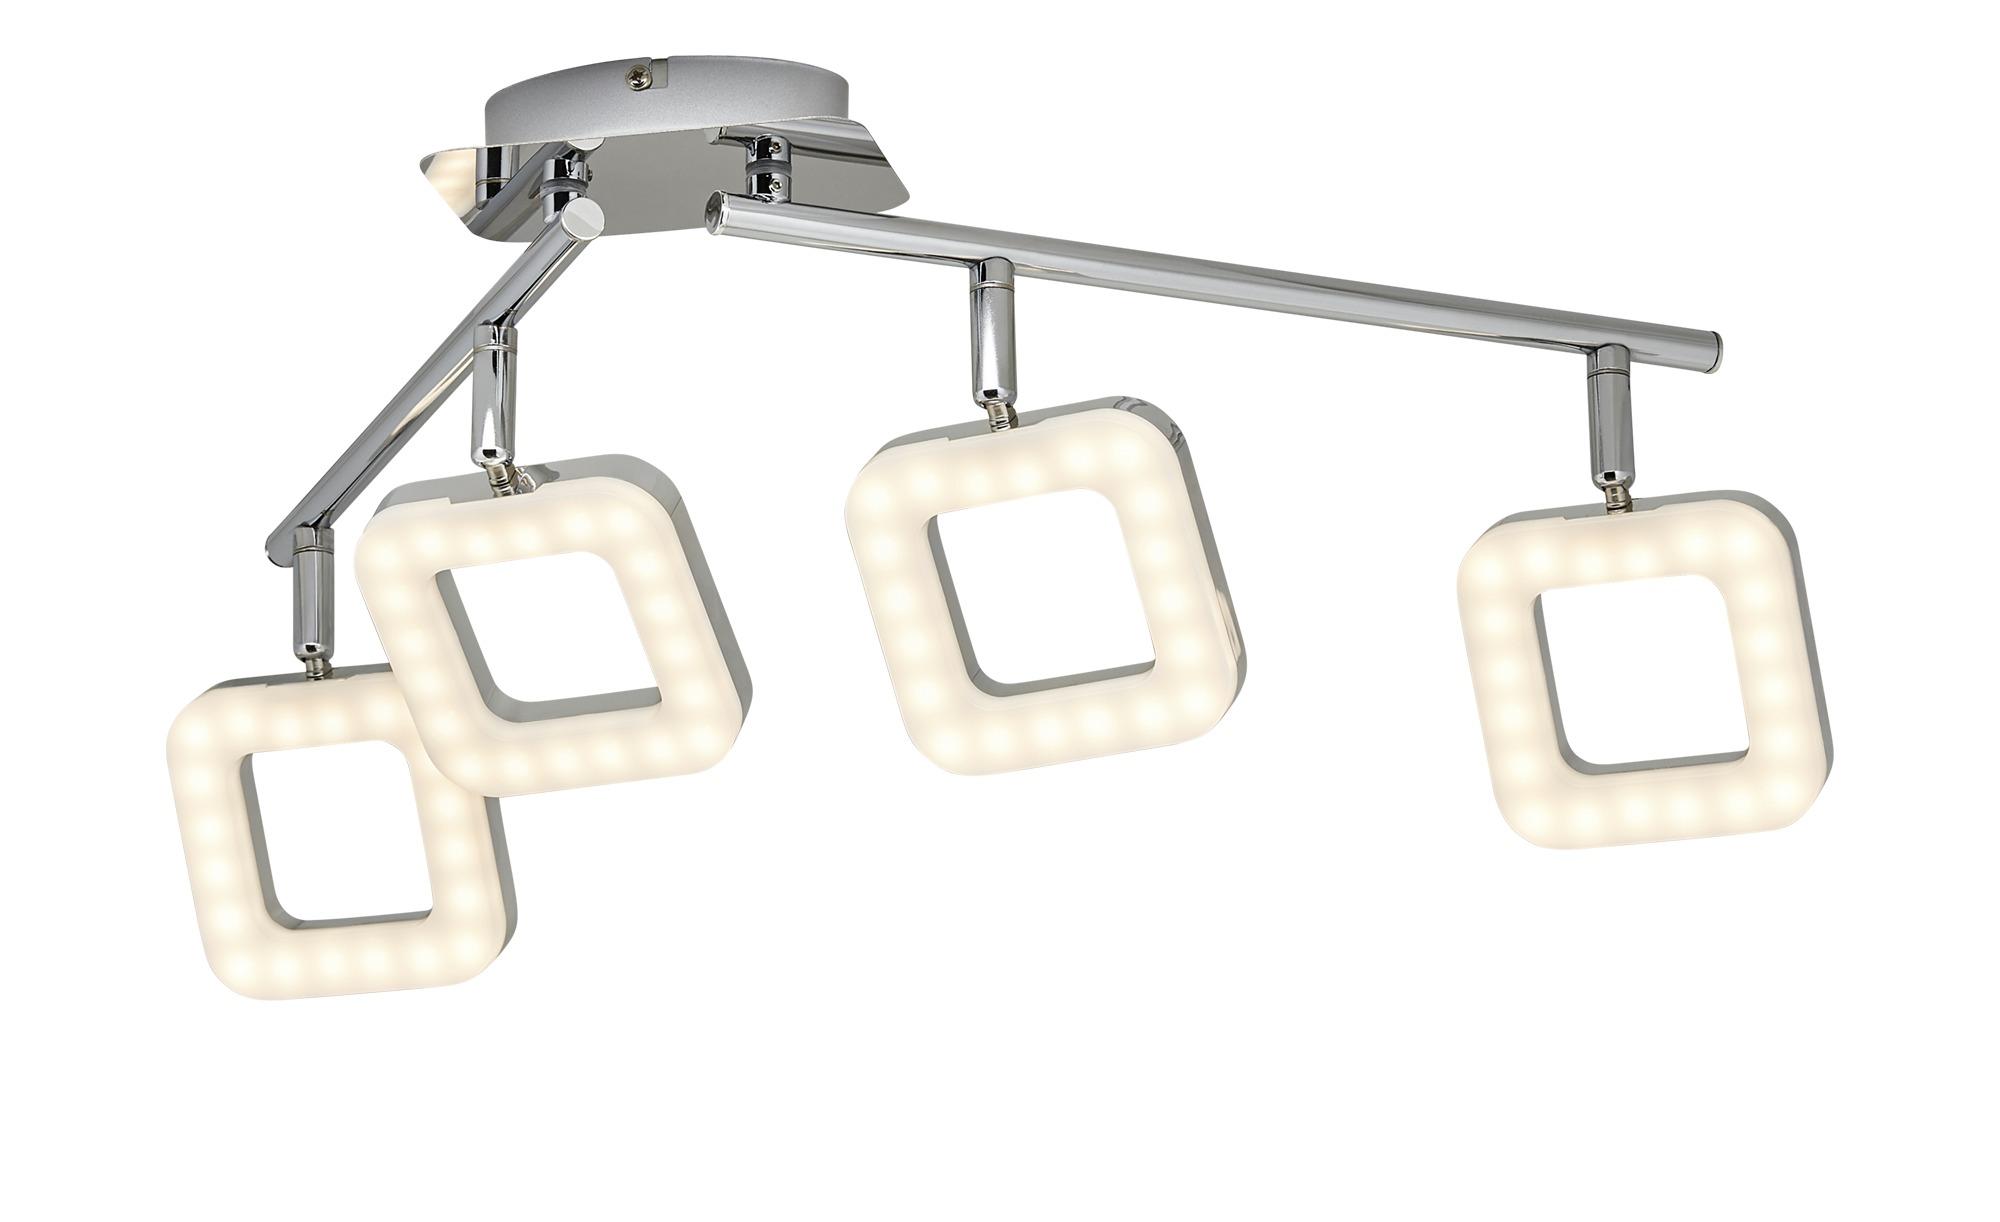 KHG LED-Deckenleuchte, 4-flammig, Köpfe eckig ¦ silber ¦ Maße (cm): B: 10 H: 19 T: 19 Lampen & Leuchten > Innenleuchten > Deckenleuchten - Höffner